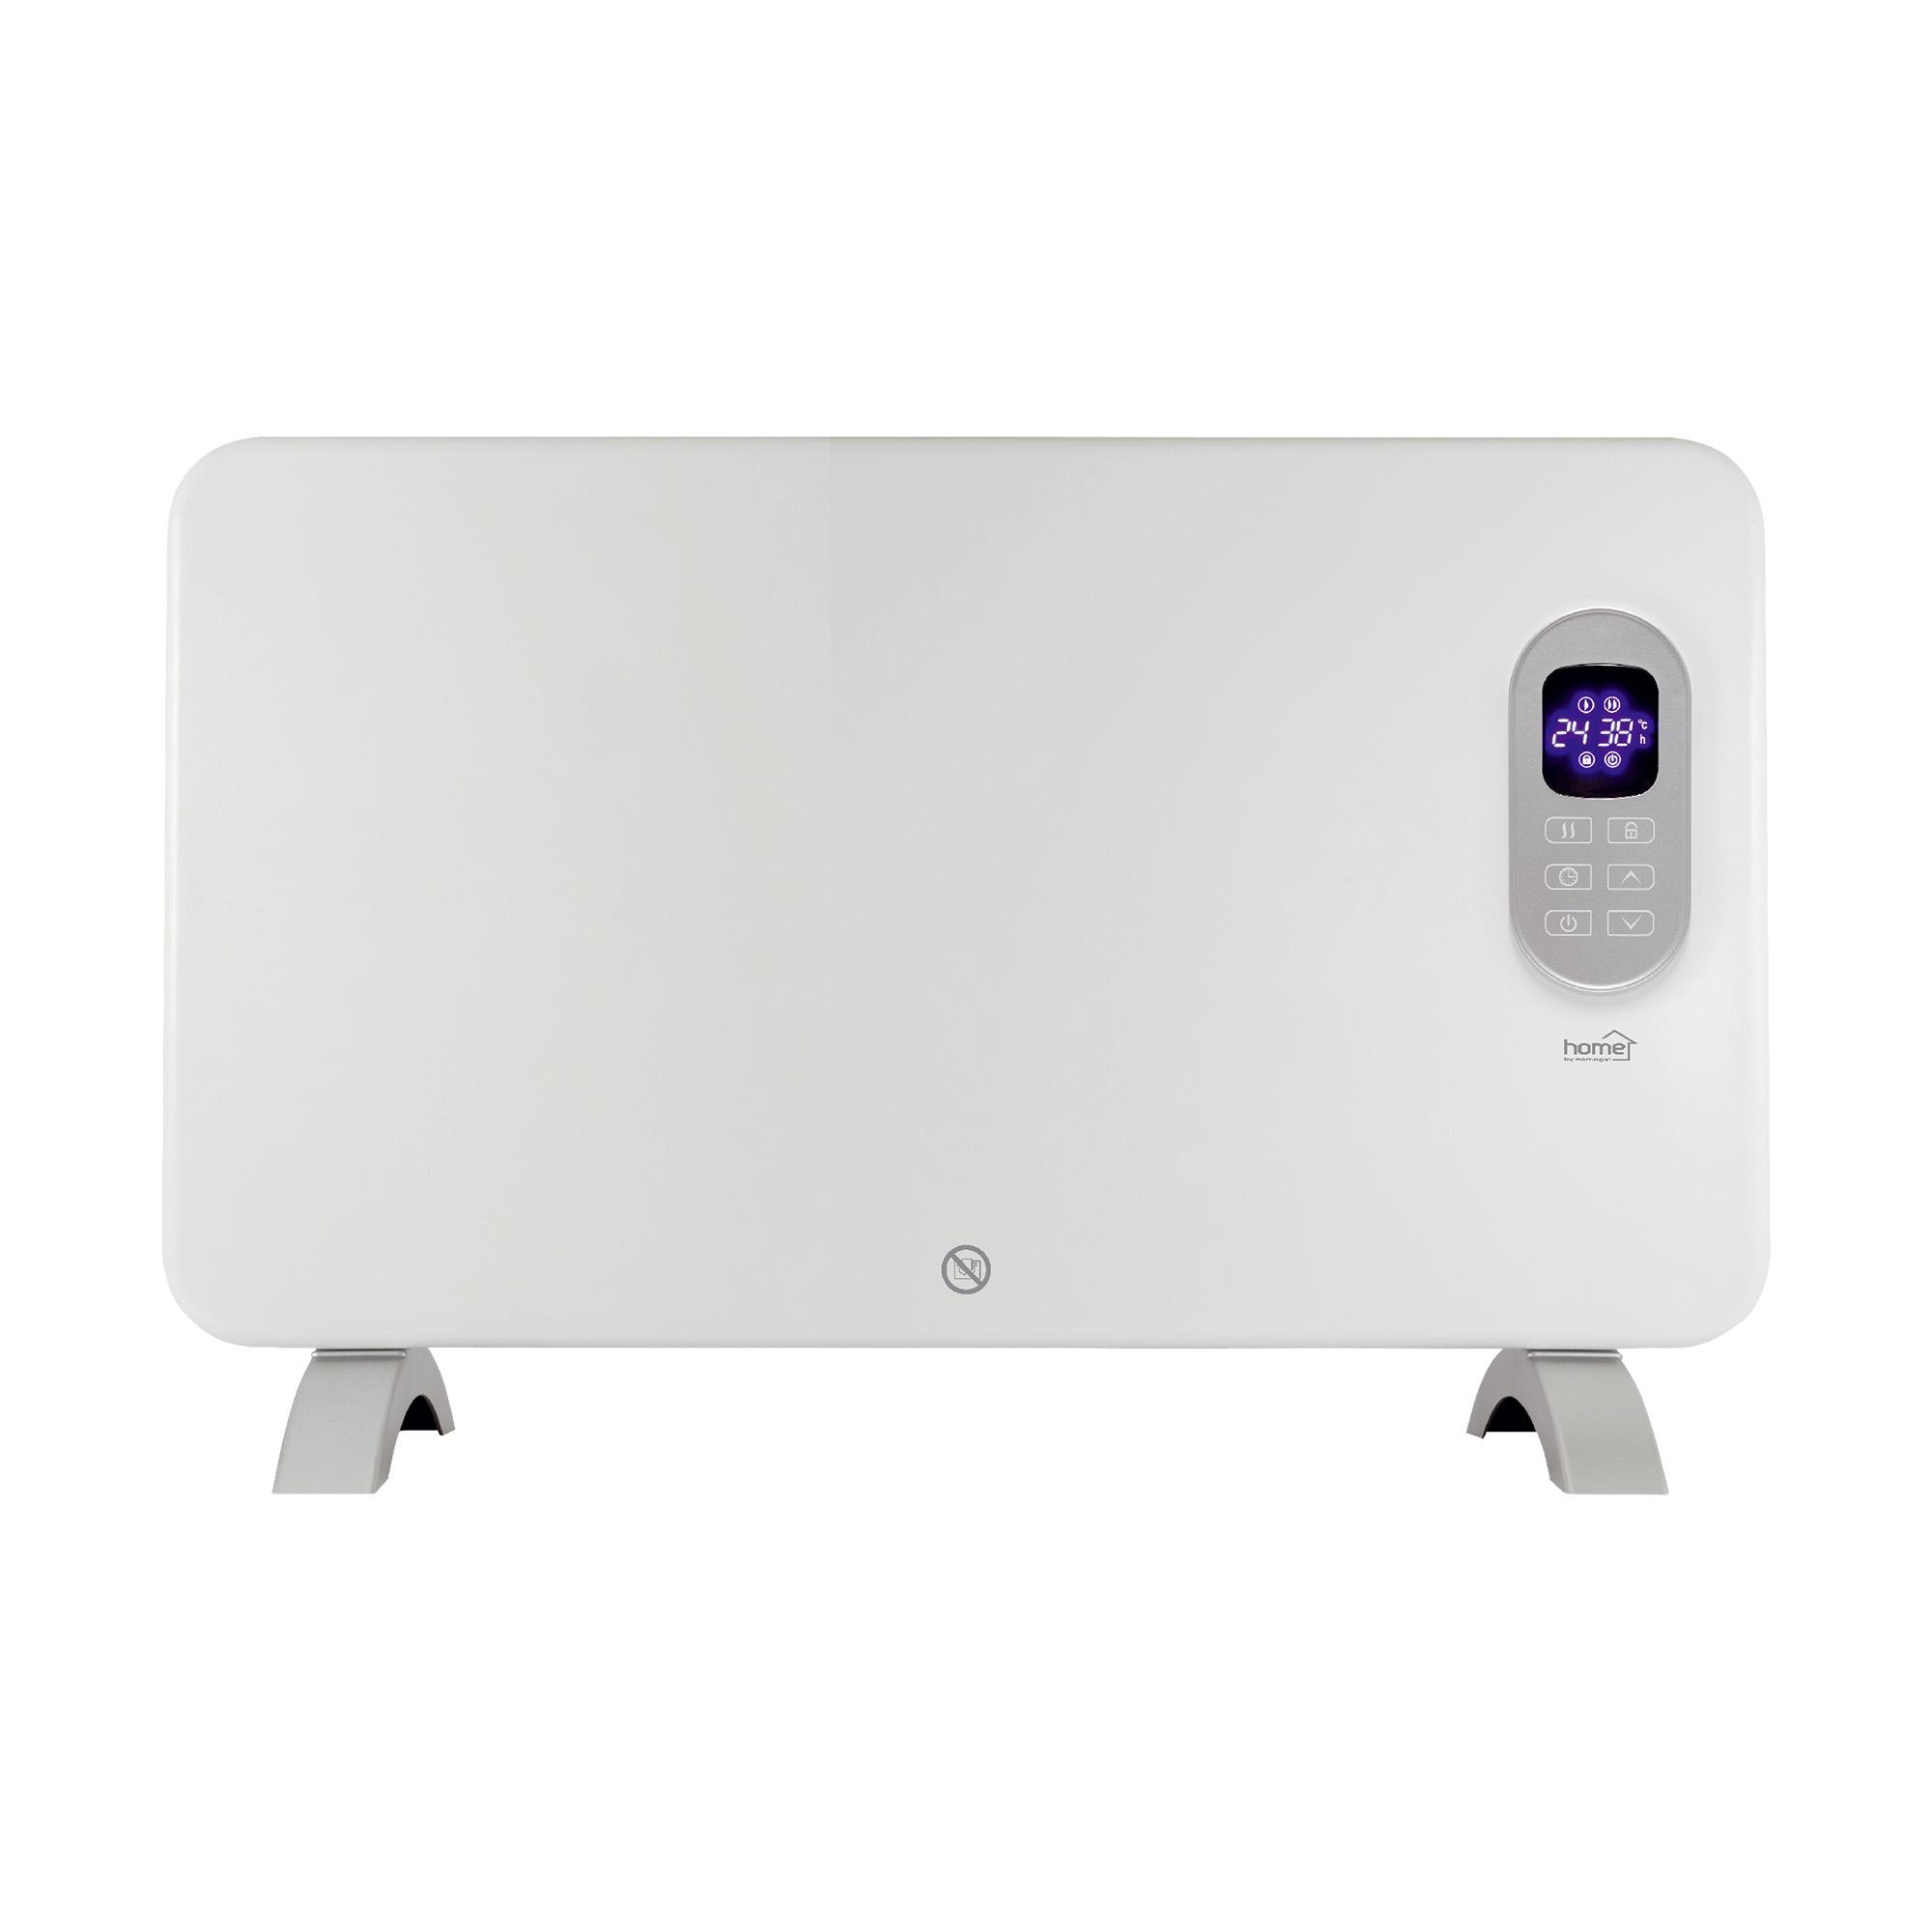 Home by Somogyi FK 410 WIFI Smart fűtőtest